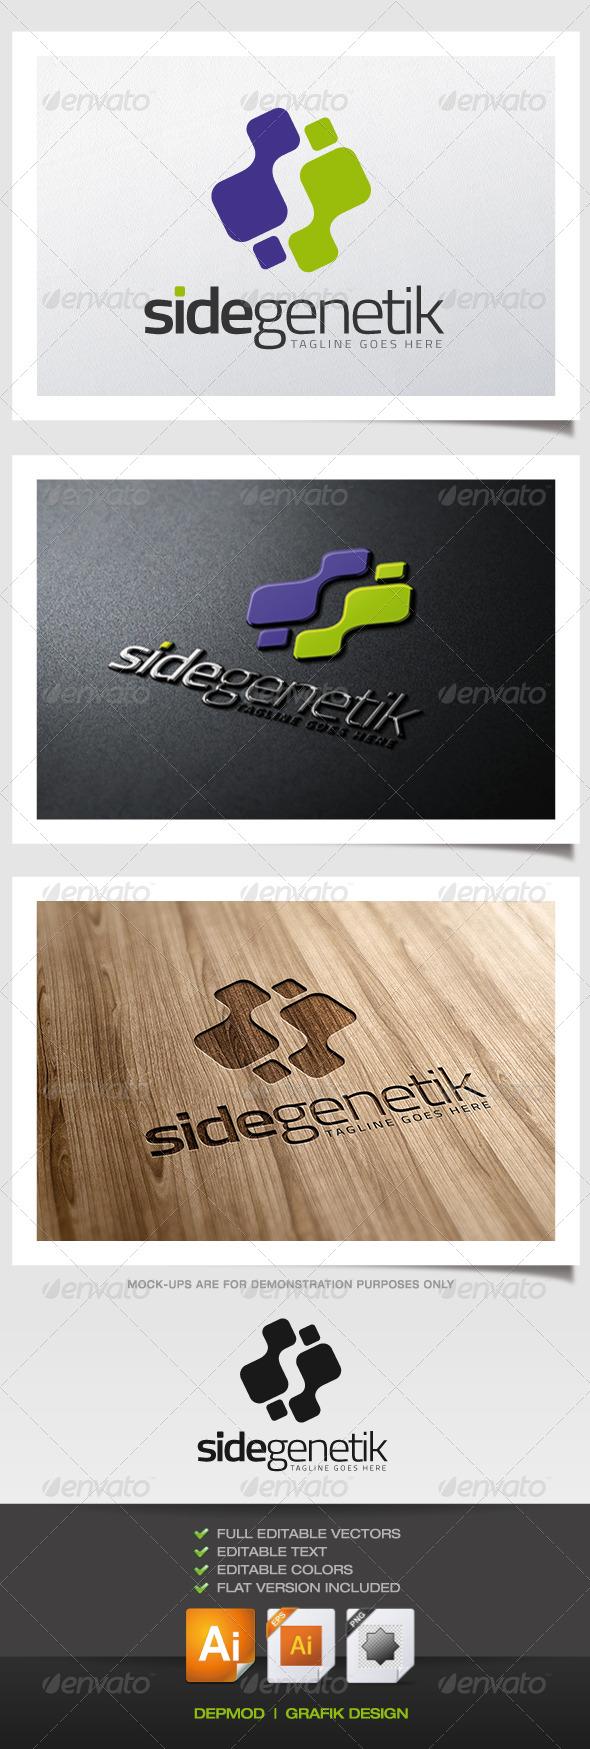 Side Genetik Logo